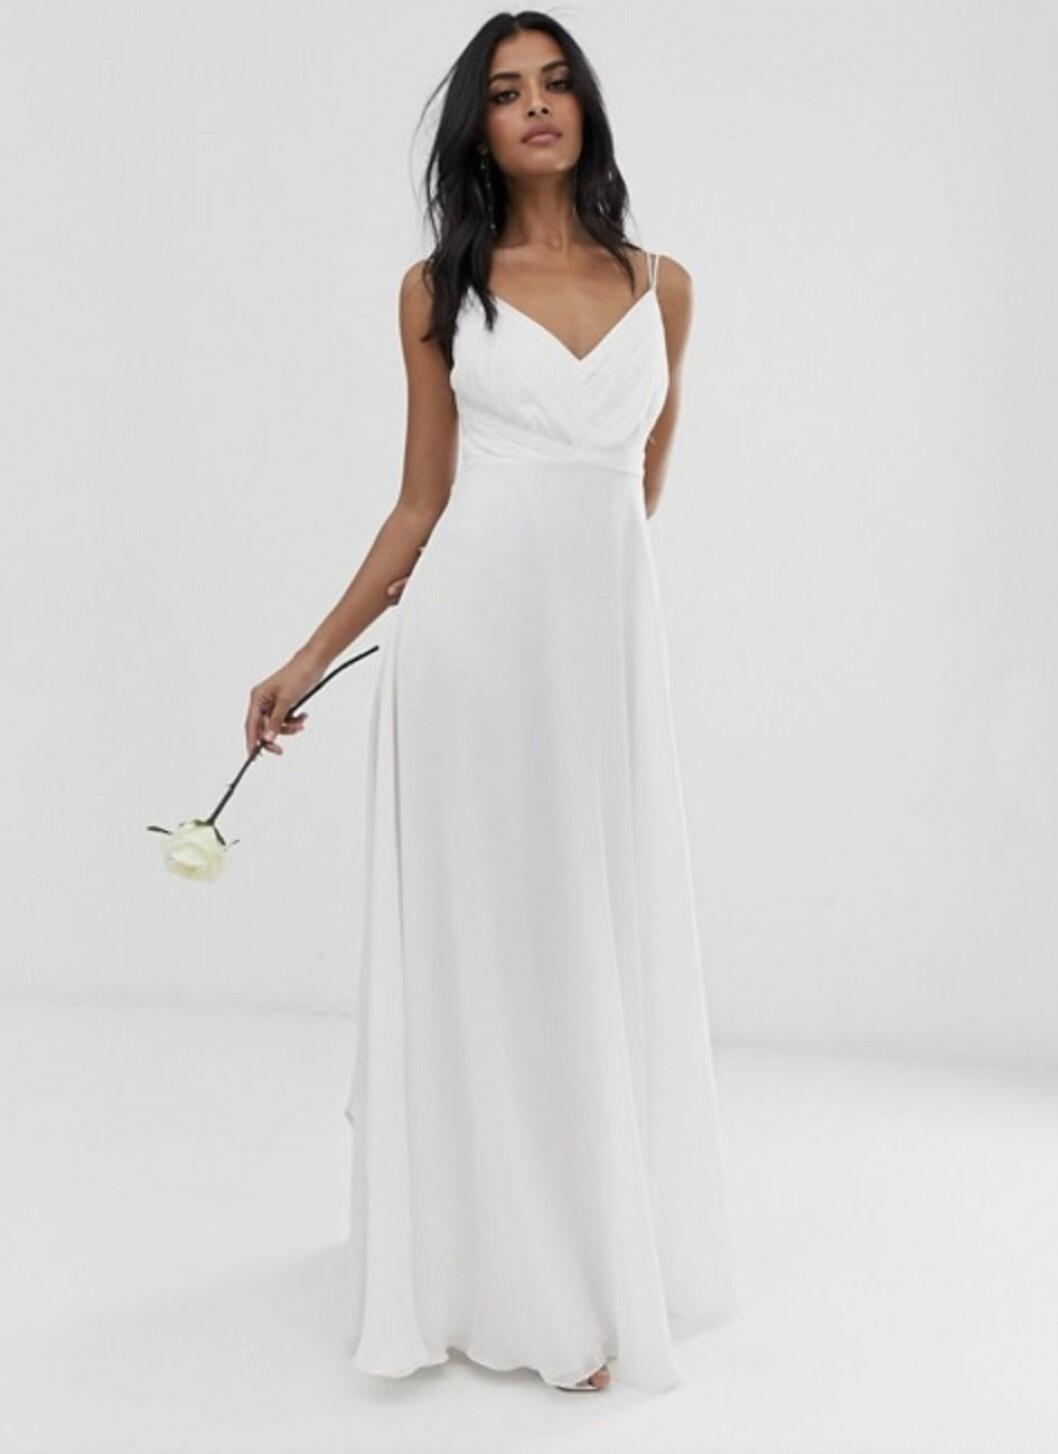 Vit enkel brudklänning med tunna band